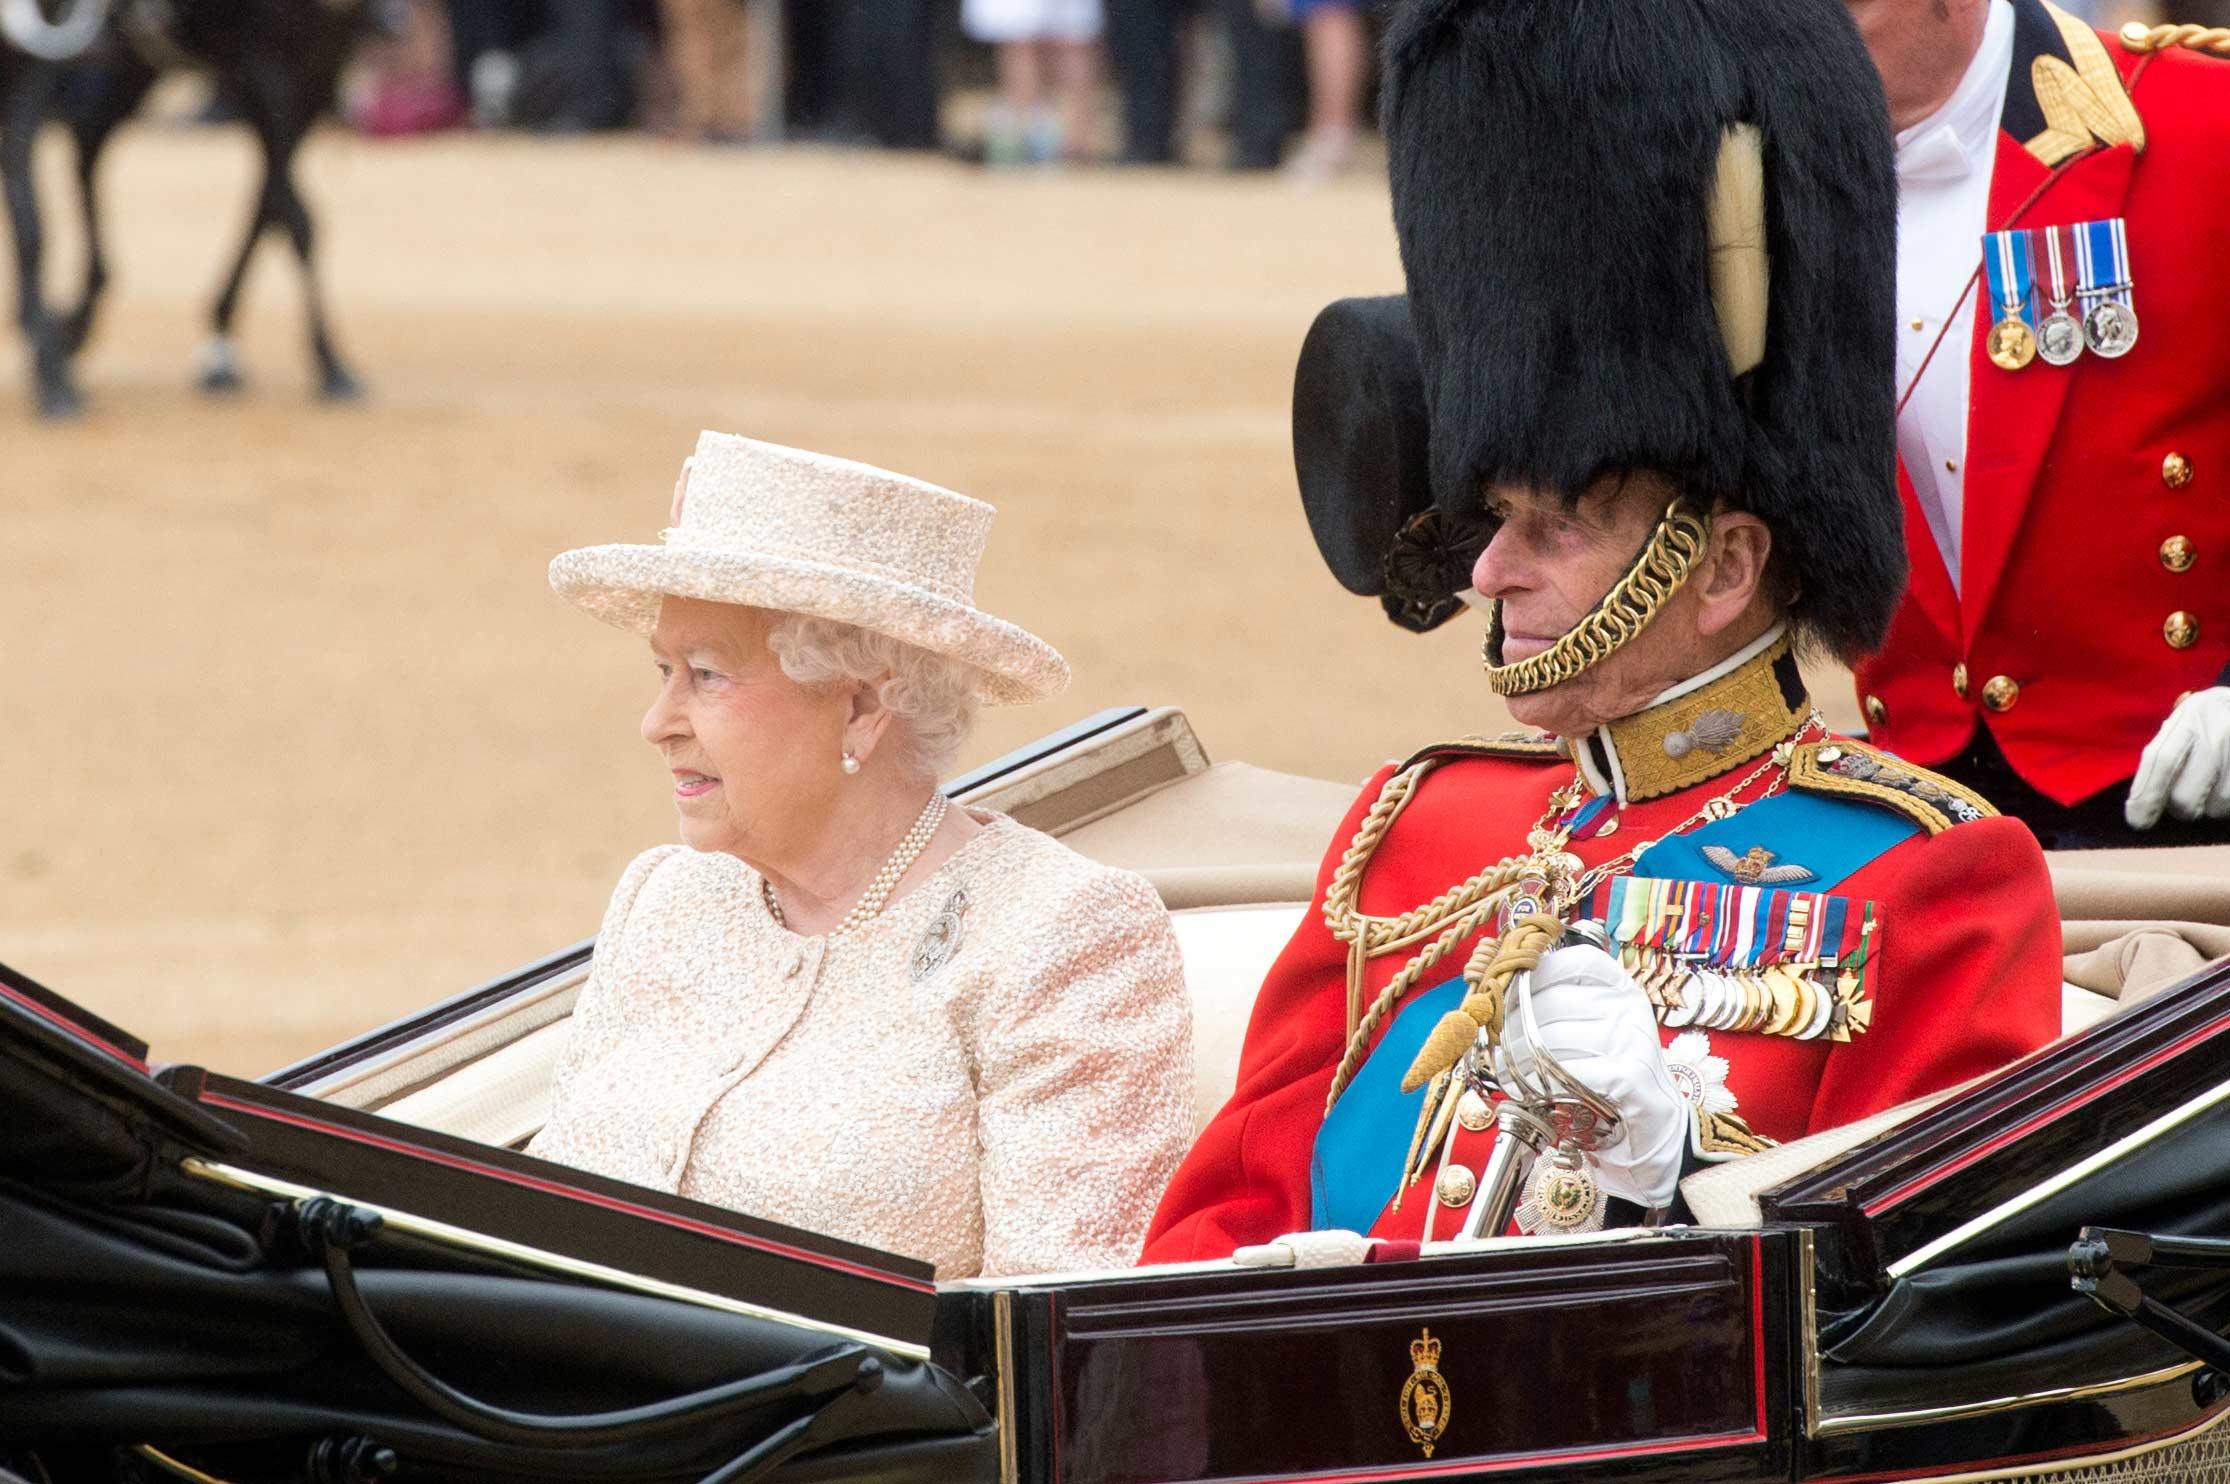 cjcs 2015 visit to great britain - <b>Умер в 99 лет.</b> Кем был принц Филипп — первый член королевской семьи, посетивший Киев - Заборона